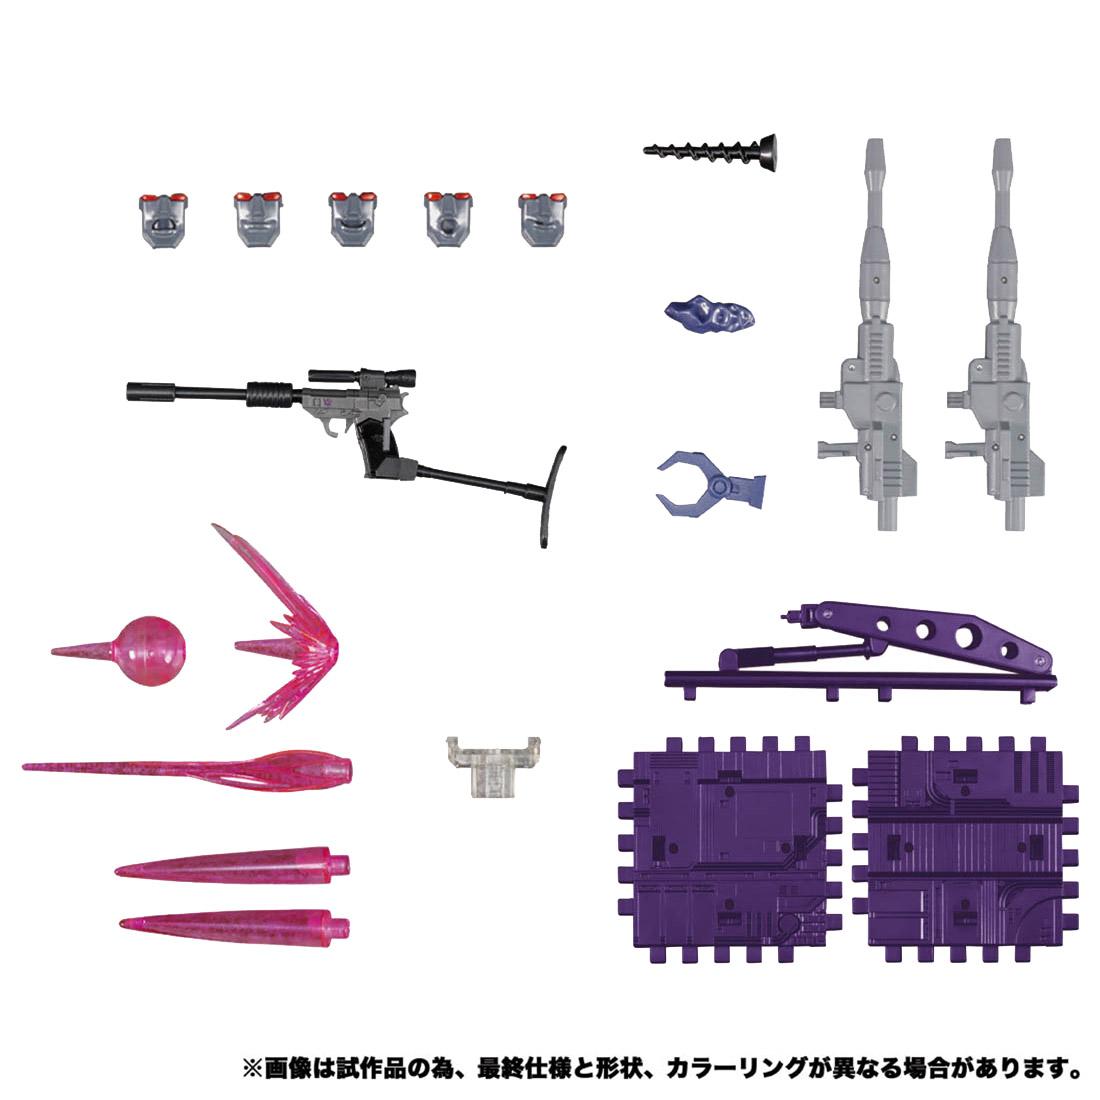 マスターピース『MP-52 スタースクリームVer.2.0』トランスフォーマー 可変可動フィギュア-009